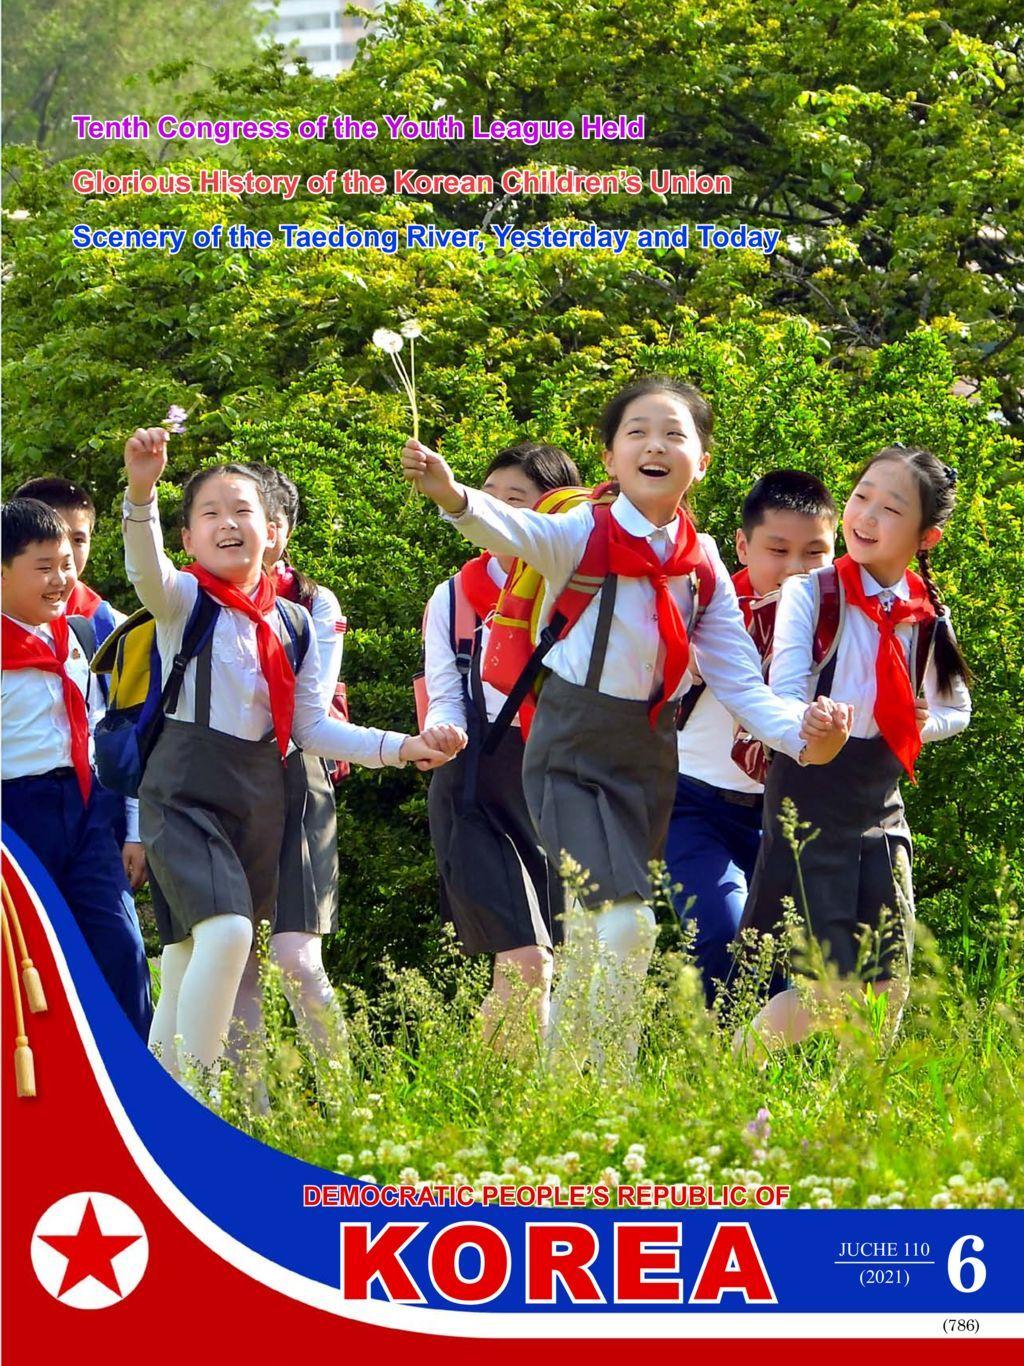 DPR Korea